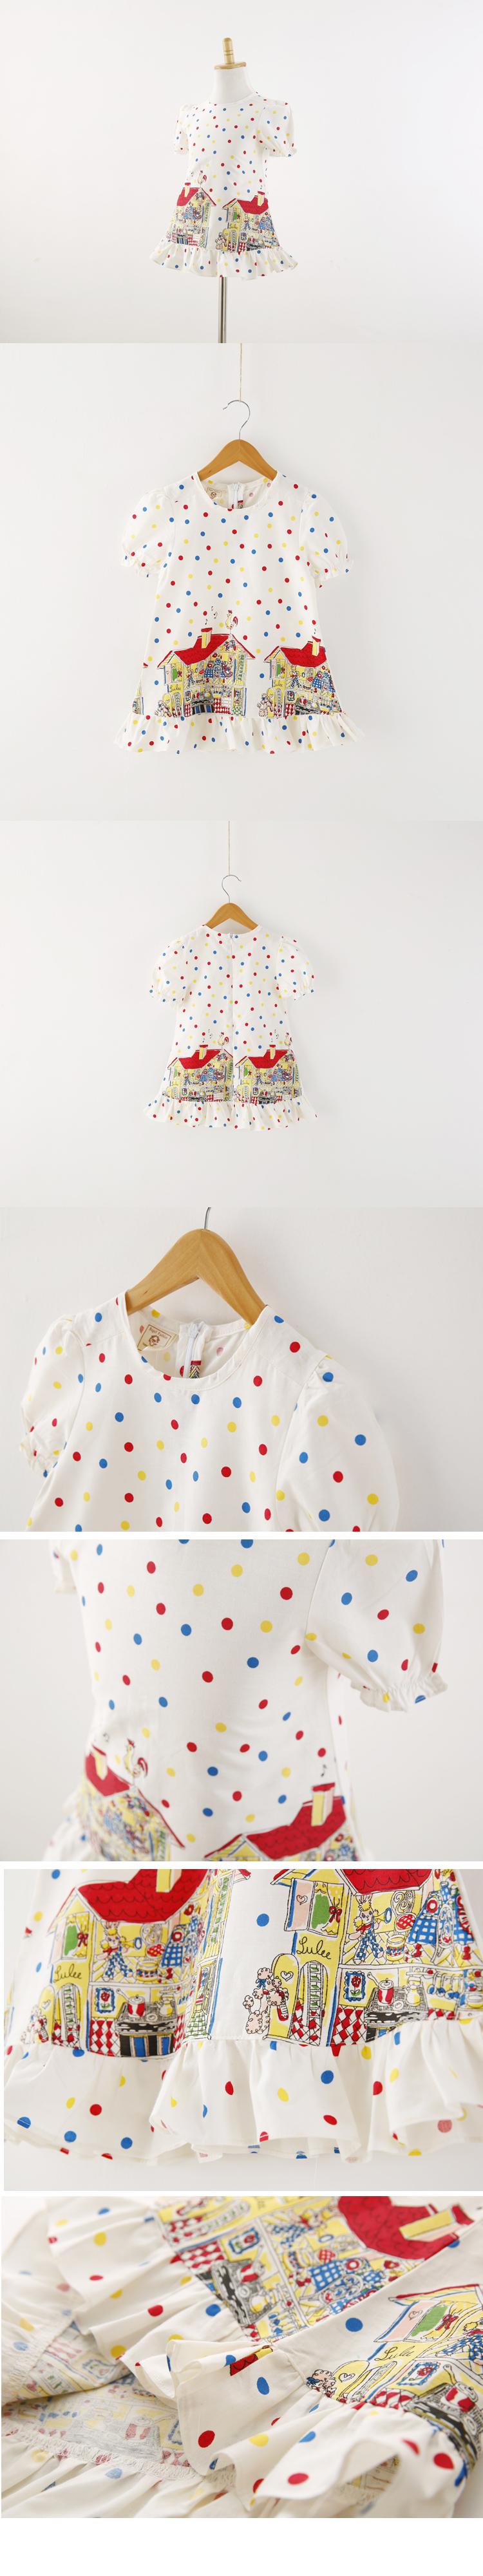 卡通小房子彩色波点连衣裙